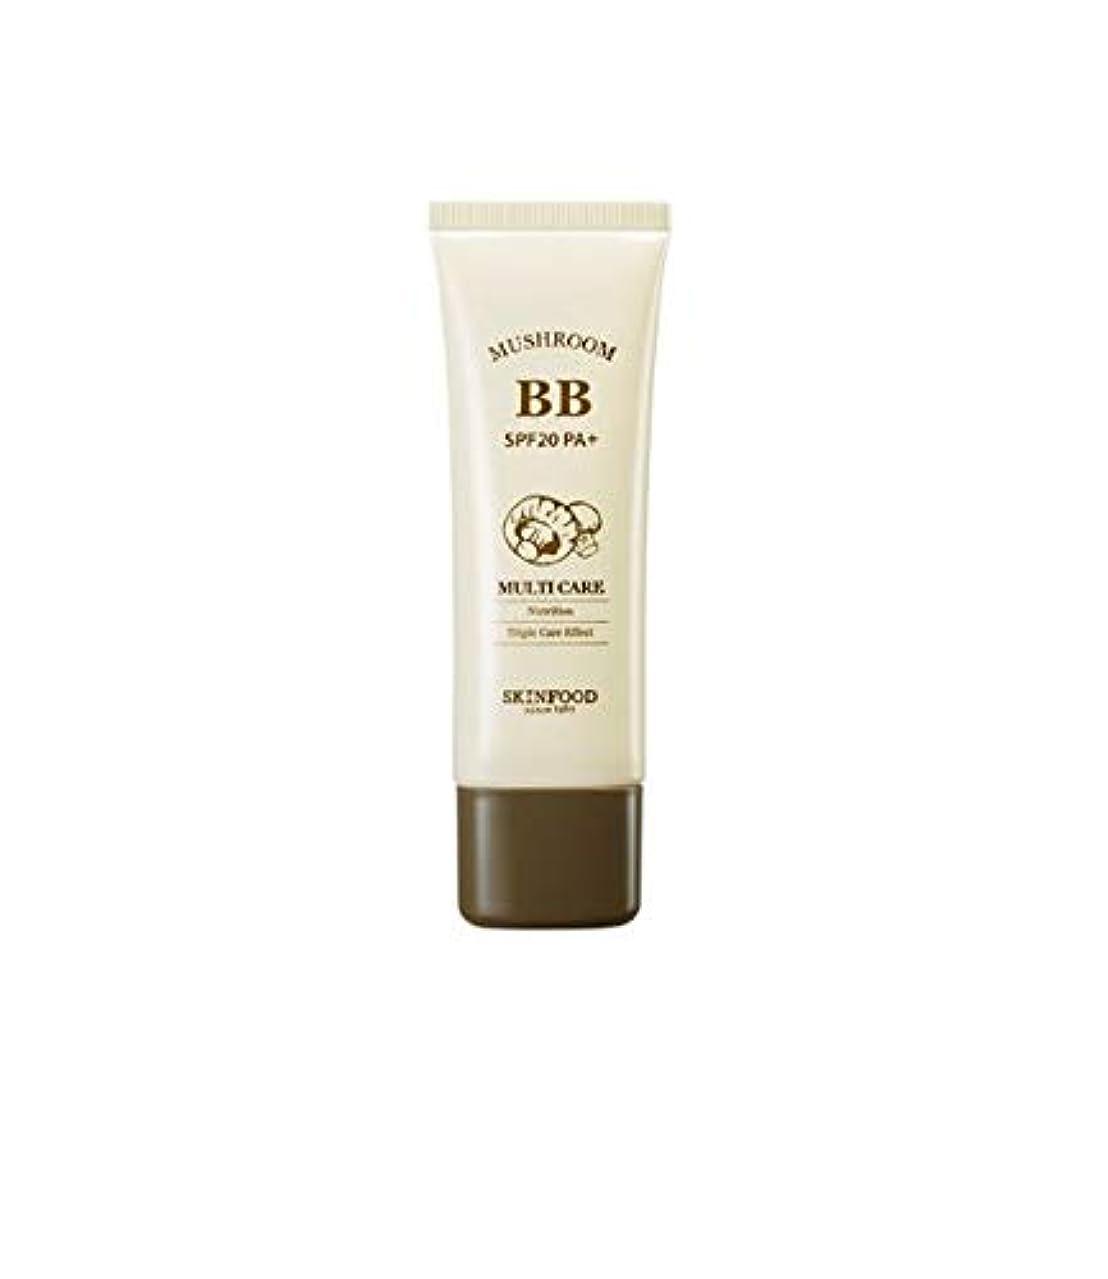 先住民進化する正確Skinfood マッシュルームマルチケアBBクリームSPF20 PA +#No. 1ブライトスキン / Mushroom Multi Care BB Cream SPF20 PA+# No. 1 Bright Skin...